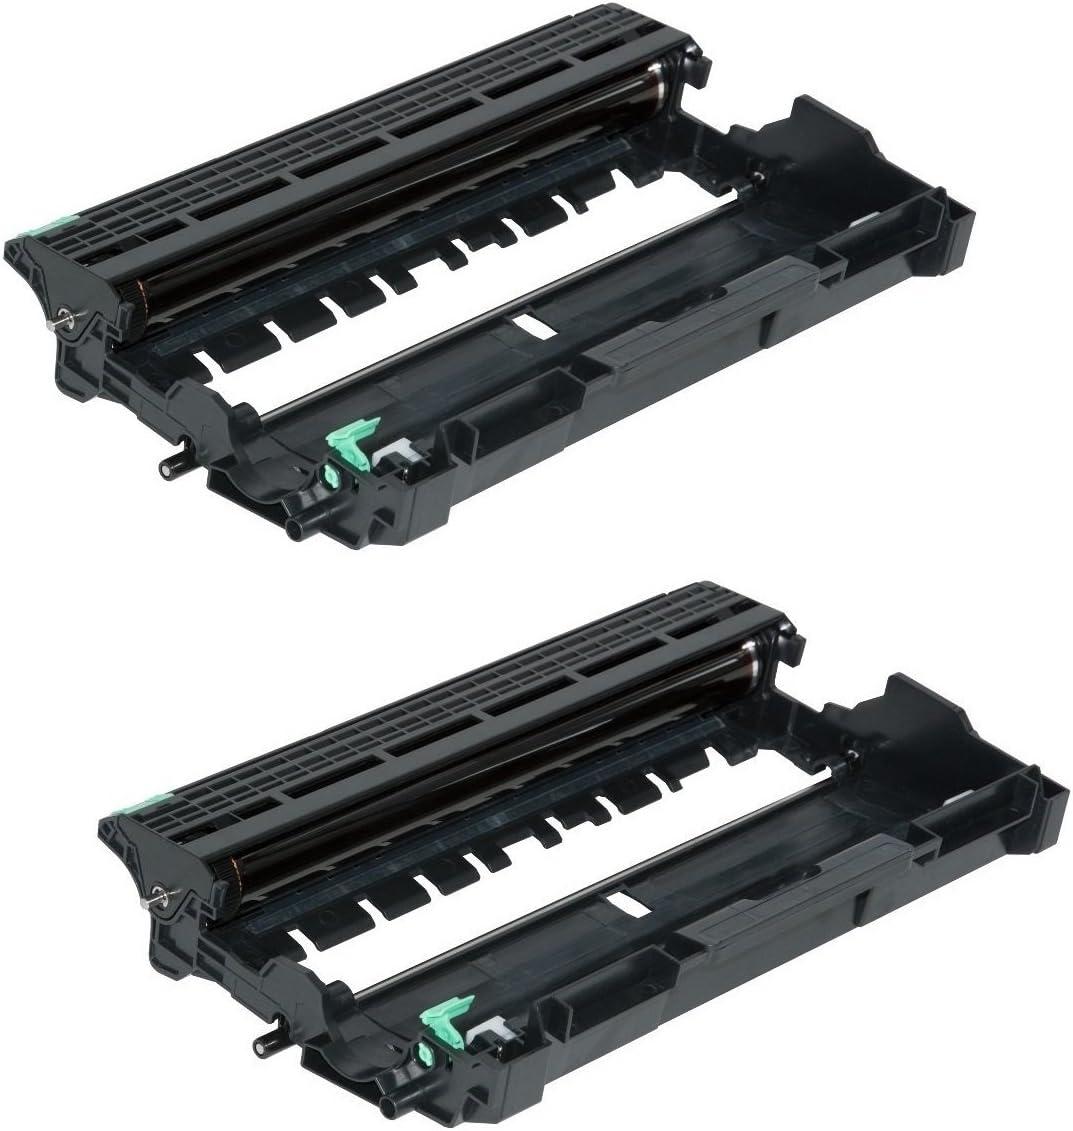 Printing Pleasure Twin-Pack DR2300 Black Drum Units Compatible with Brother HL-L2300D HL-L2340DW HL-L2360DN HL-L2365DW DCP-L2500D DCP-L2520DW DCP-L2540DN L2560DW MFC-L2700DW MFC-L2720DW MFC-L2740DW